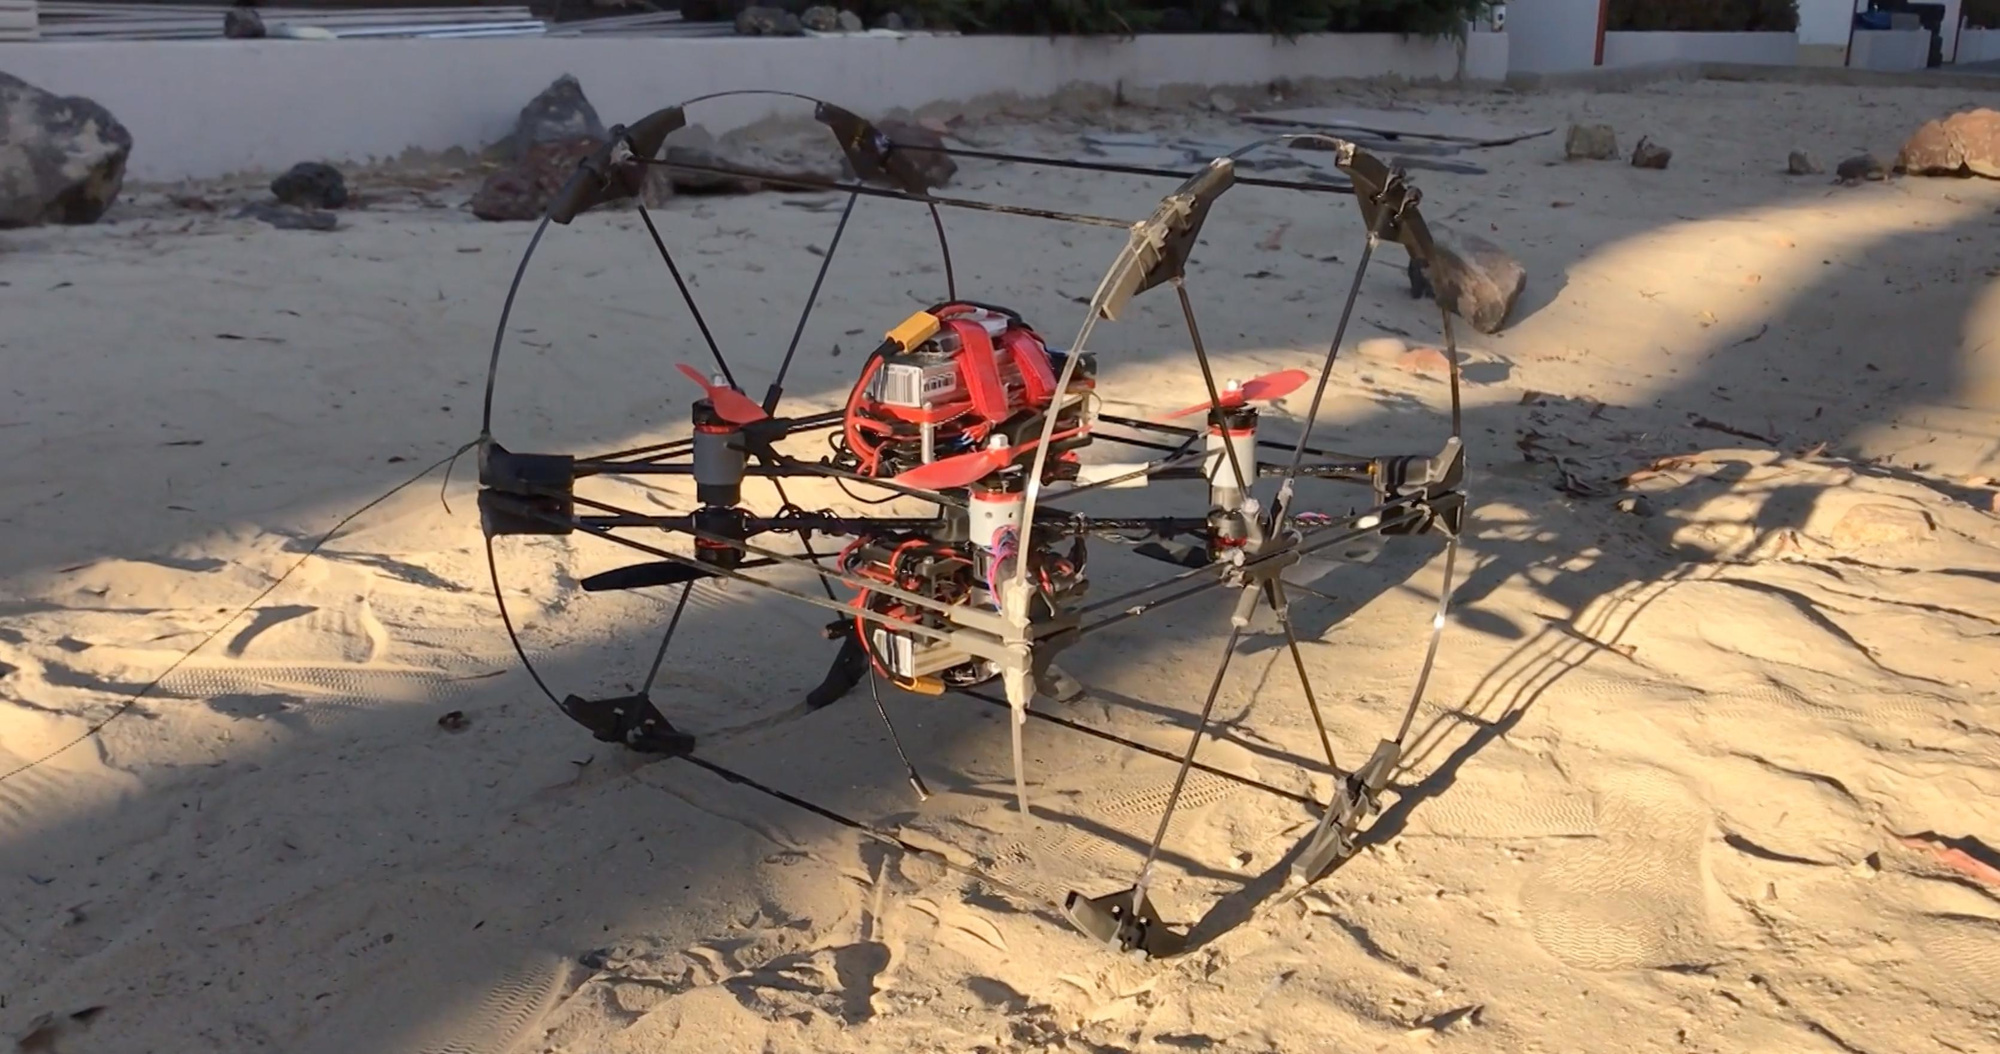 Le prototype du Shapeshifter ressemble à un drone intégré à une roue., NASA